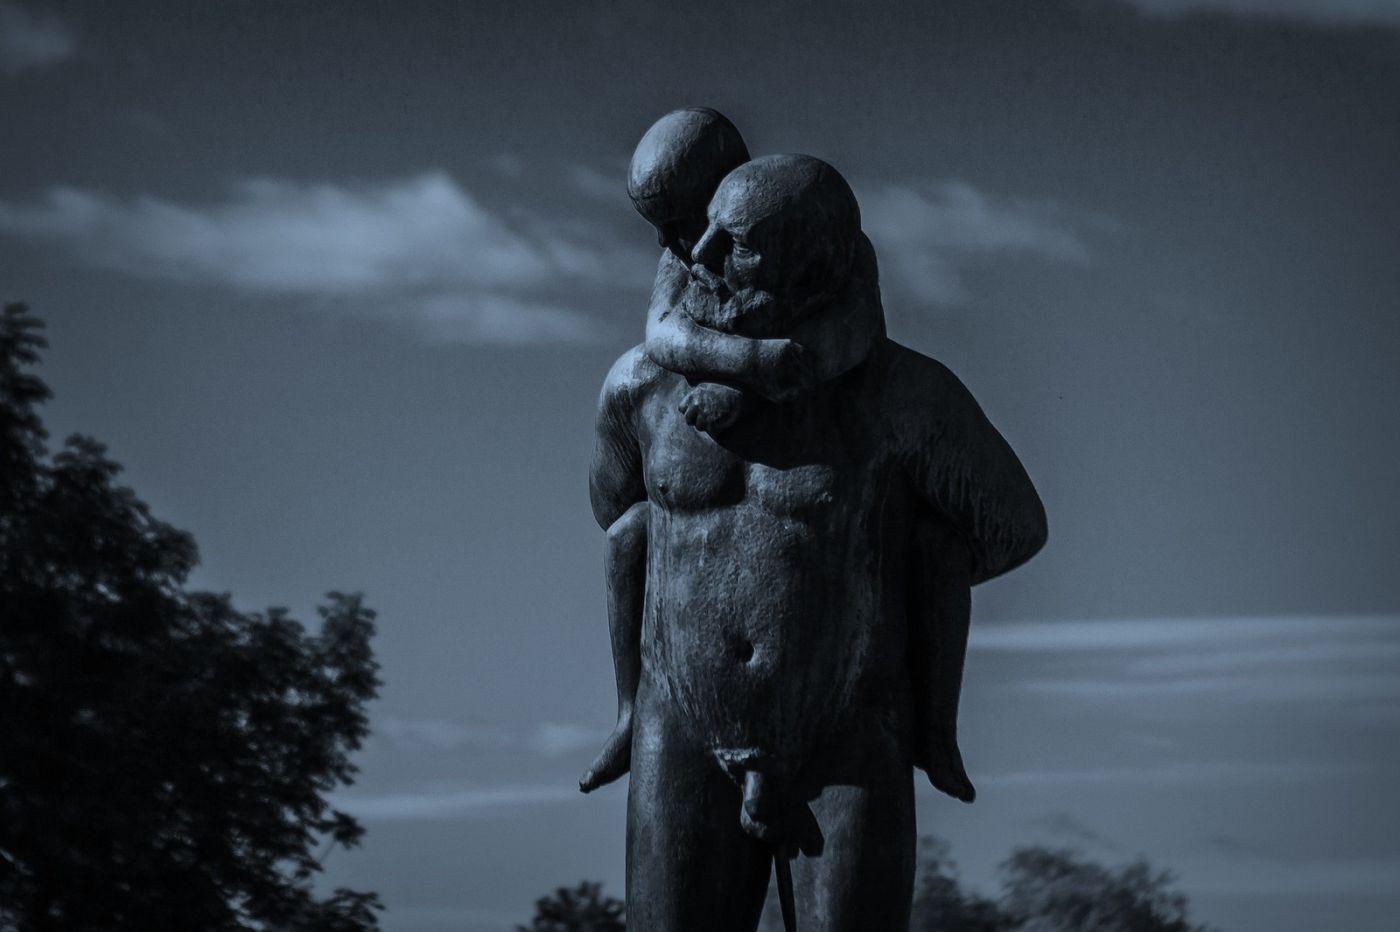 挪威维格兰雕塑公园,艺术的确来自生活_图1-16